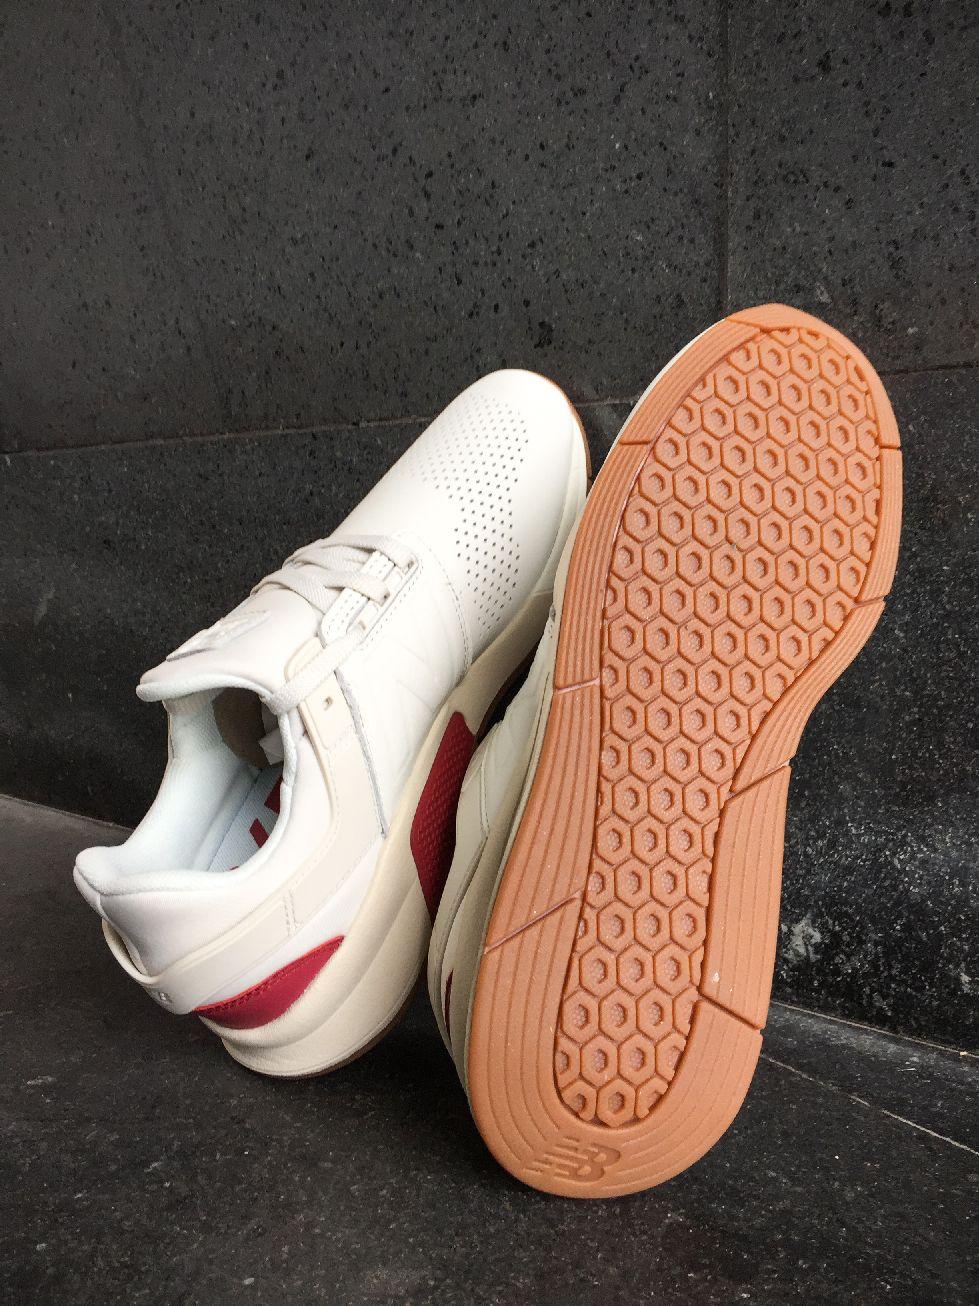 New Balance MS 247 GV Sport weiß Schuhe Schuhe Sneakers lifestyle weiß Sport Echtes Leder b5248e